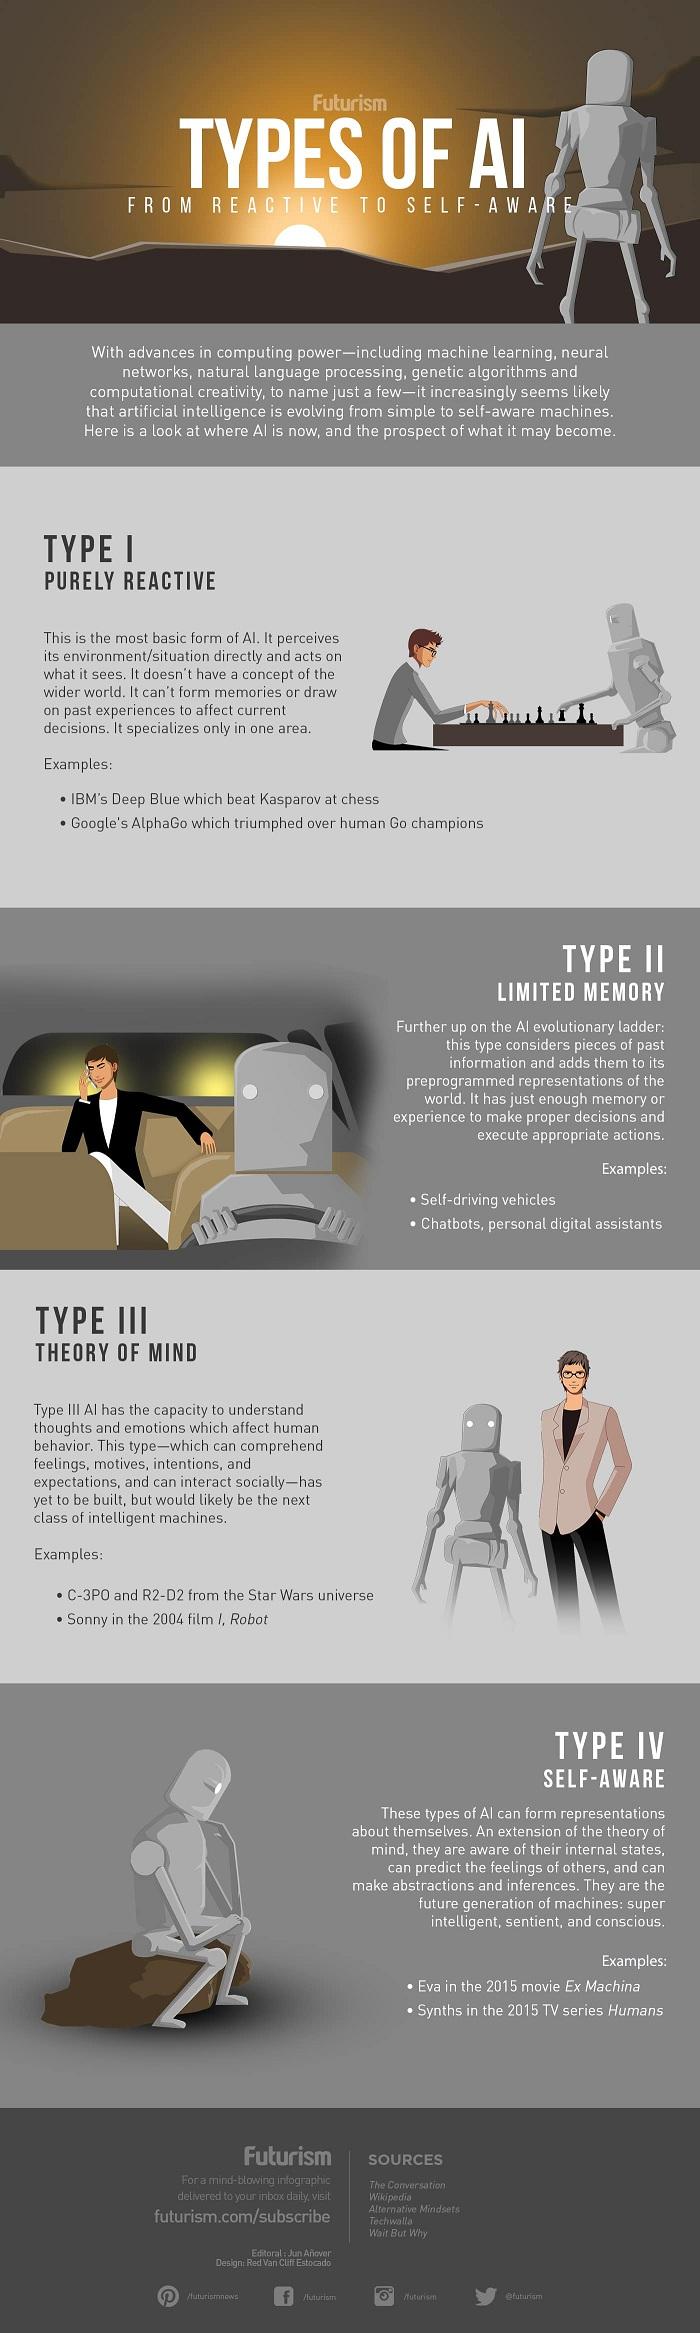 yapay_zeka_turleri_infografik